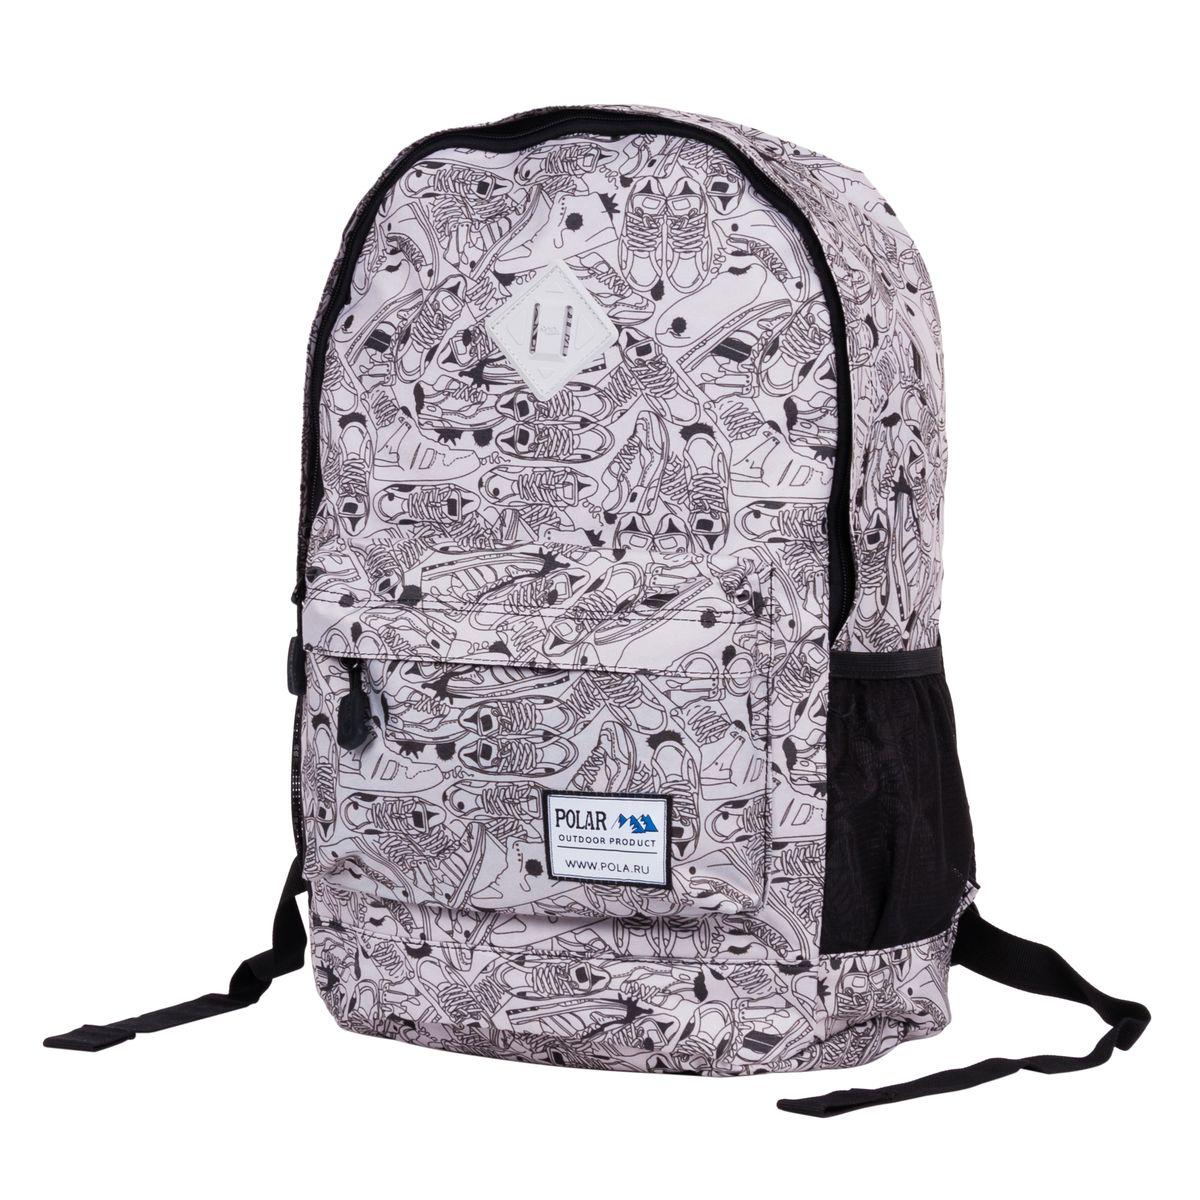 Рюкзак городской Polar, цвет: серый, 22,5 л. 15008 рюкзак городской polar 27 л цвет темно зеленый п1955 08